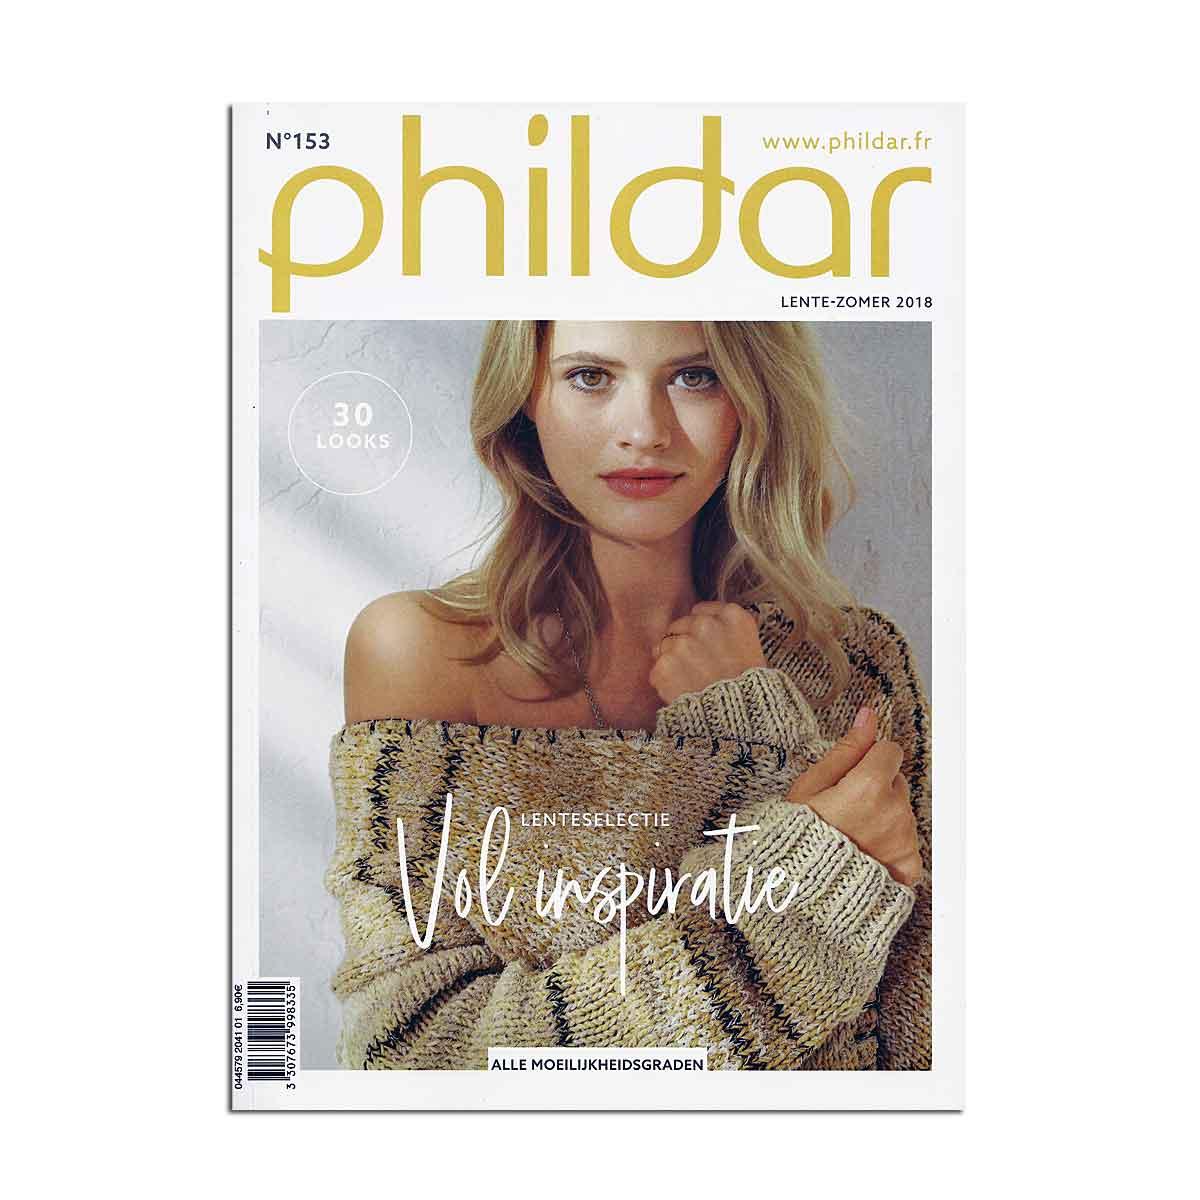 phildar magazine 153 lente en zomer 2018